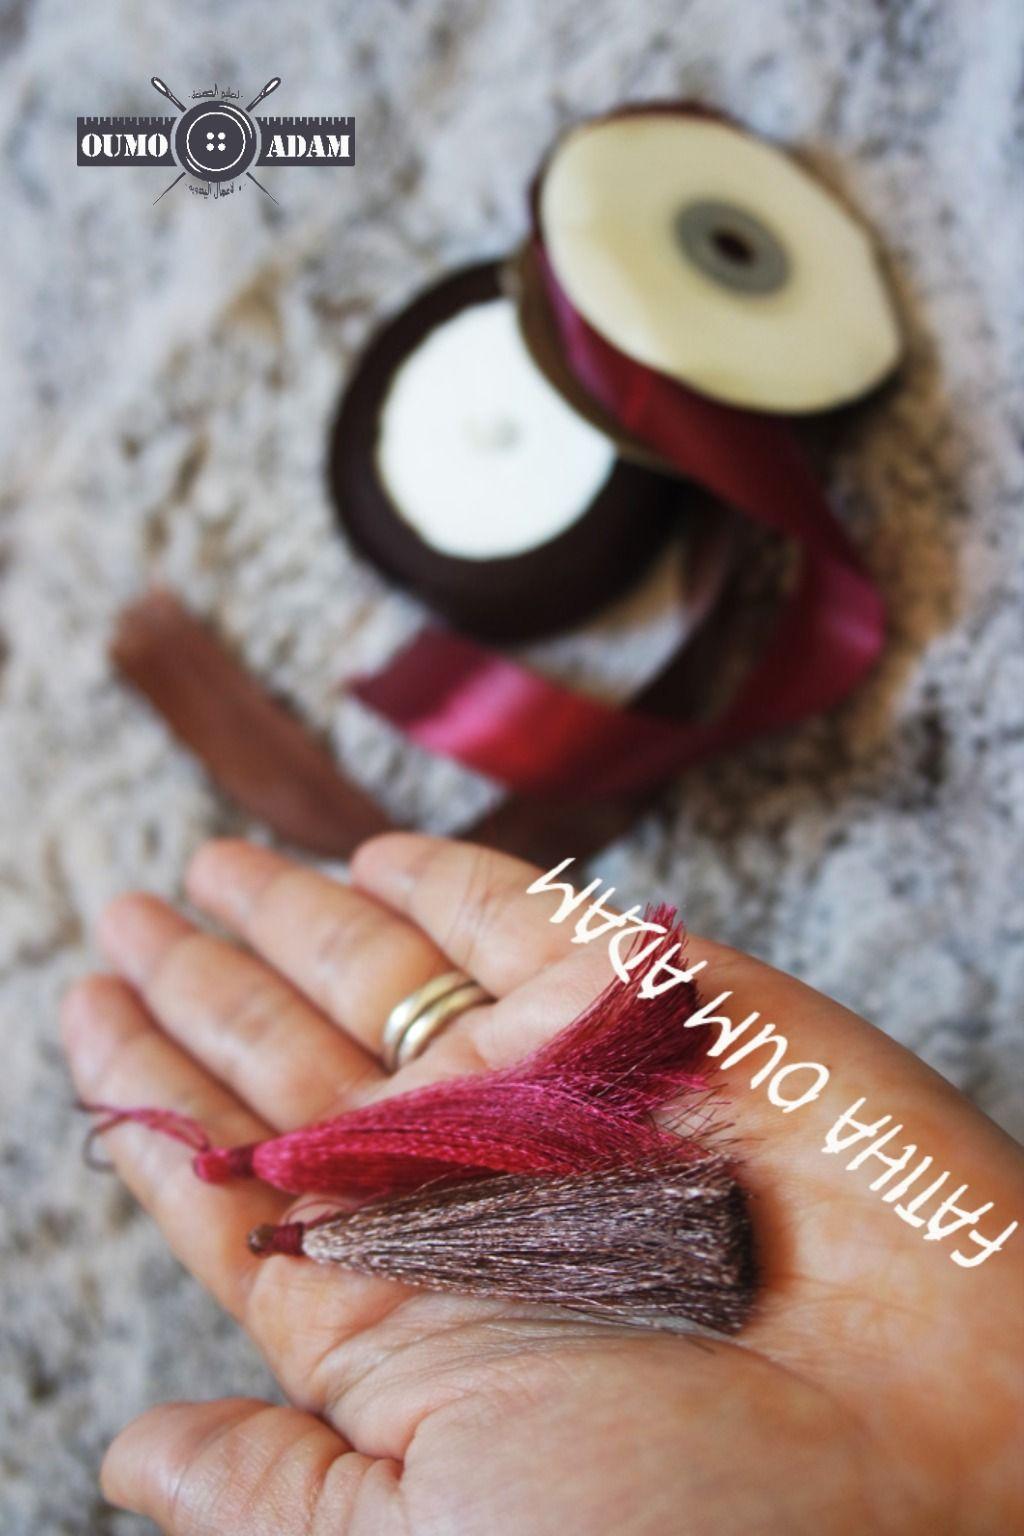 ام ادم لتعليم الصنعة و الأعمال اليدوية Beauty Lipstick